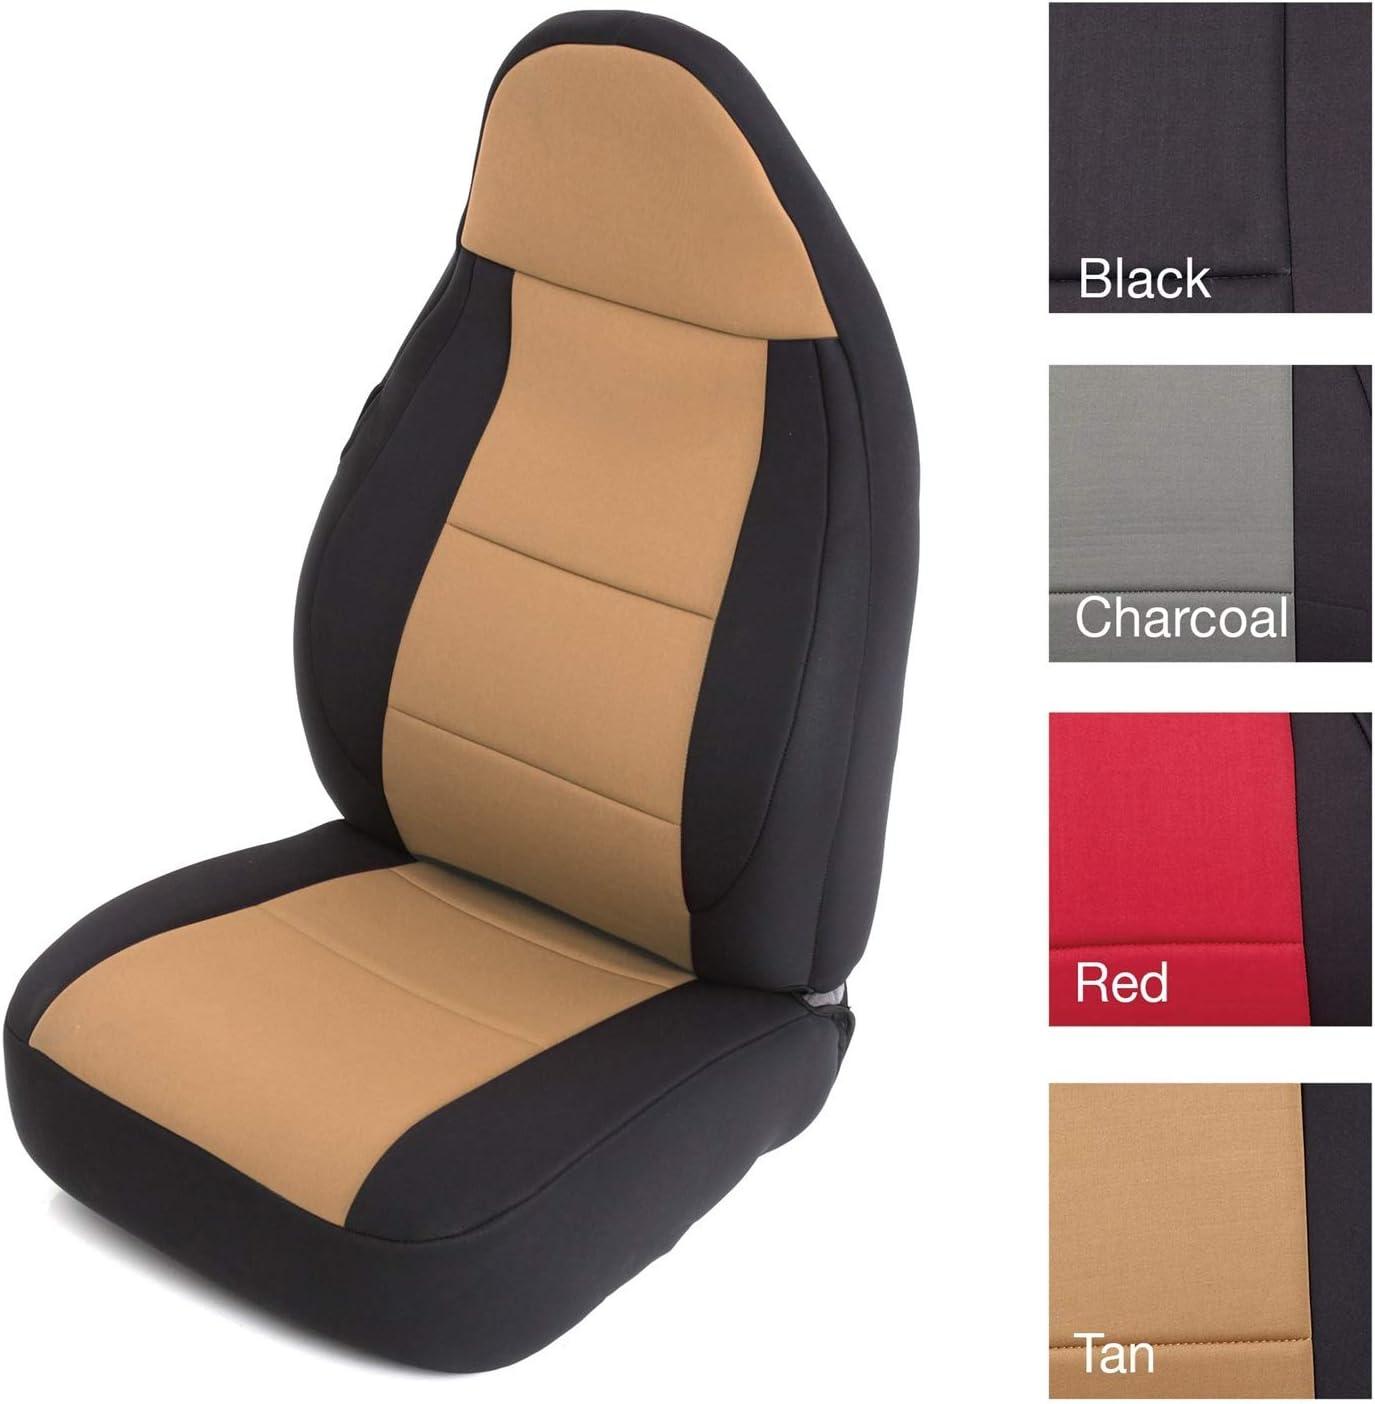 Smittybilt 471325 Neoprene Seat Cover Set